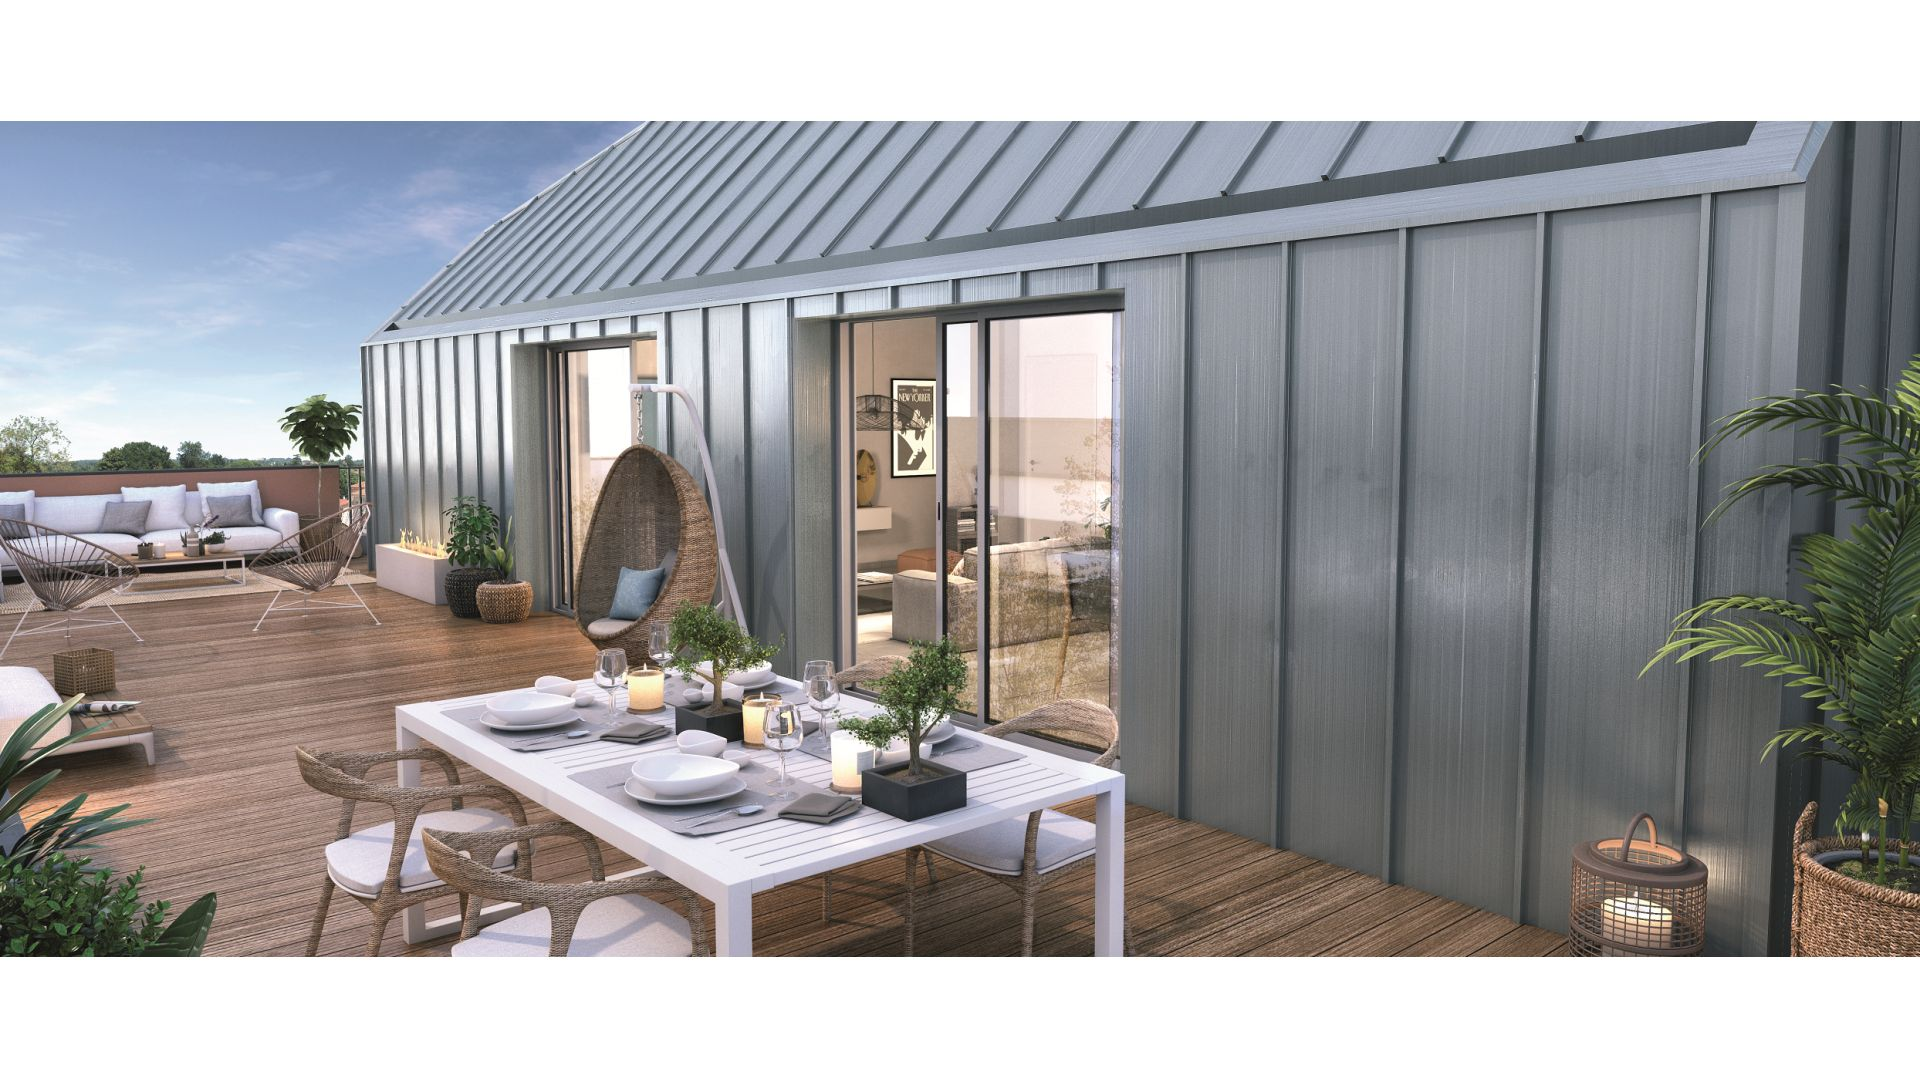 Greencity Immobilier - Résidence Les Camélias - Toulouse Croix Daurade 31200 - à vendre appartements - immobilier neuf du T2 au T4 Duplex - vue terrasse